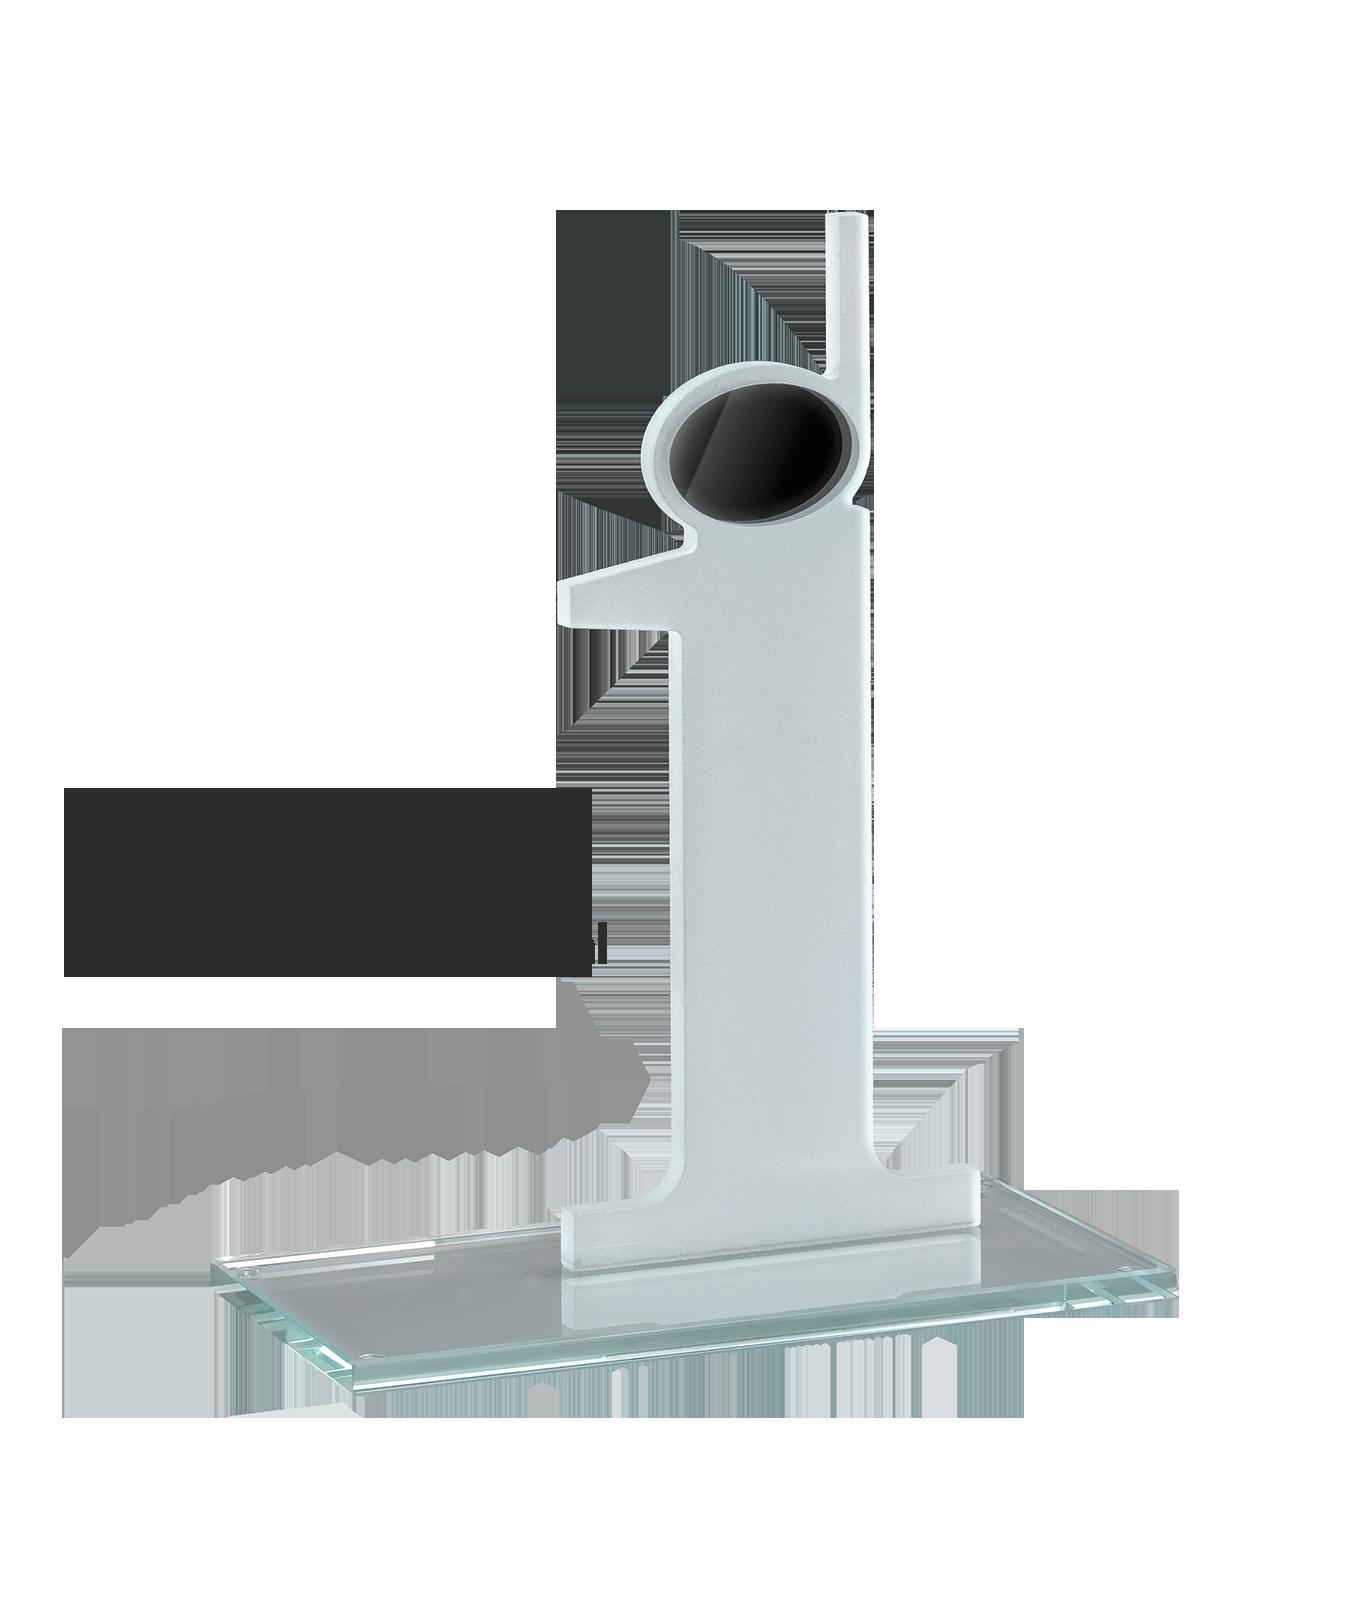 AWARD 2016 2